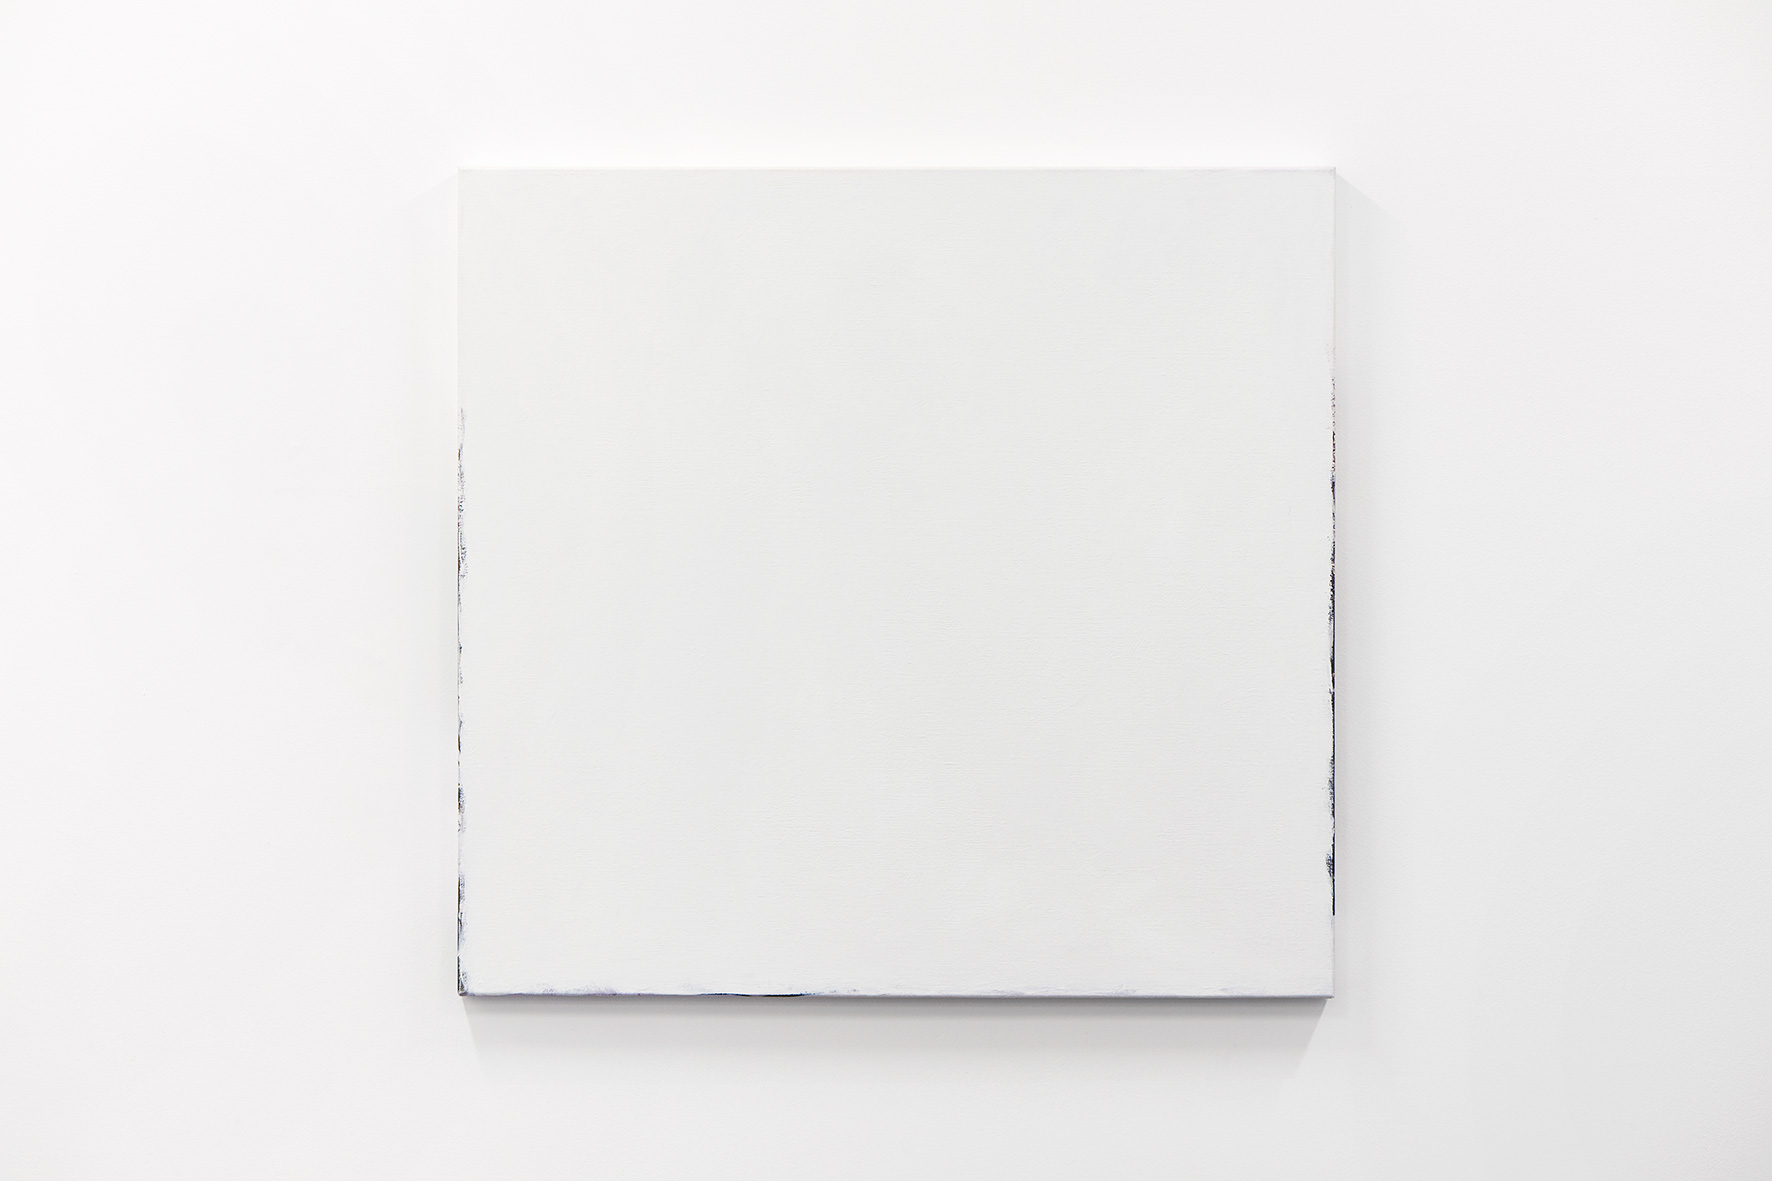 Ger van Elk_Conclusion_2012_Markus Luettgen Gallery